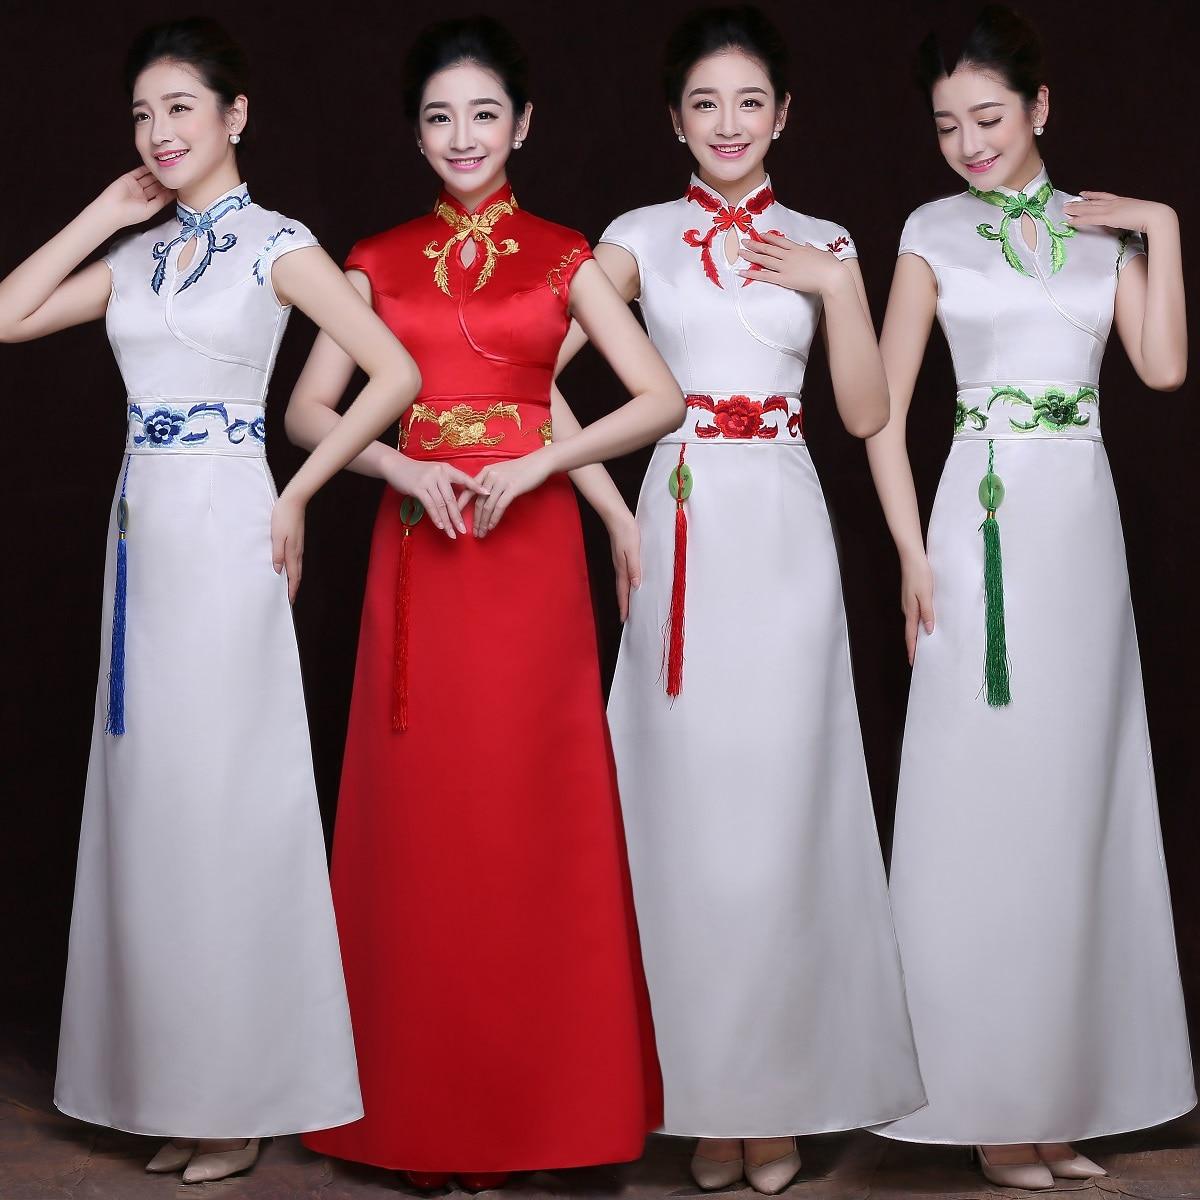 Offre spéciale Satin Qipao femmes à manches courtes pendentif Cheongsam robes de fleurs traditionnelles Vintage femme scène spectacle robe Vestidos